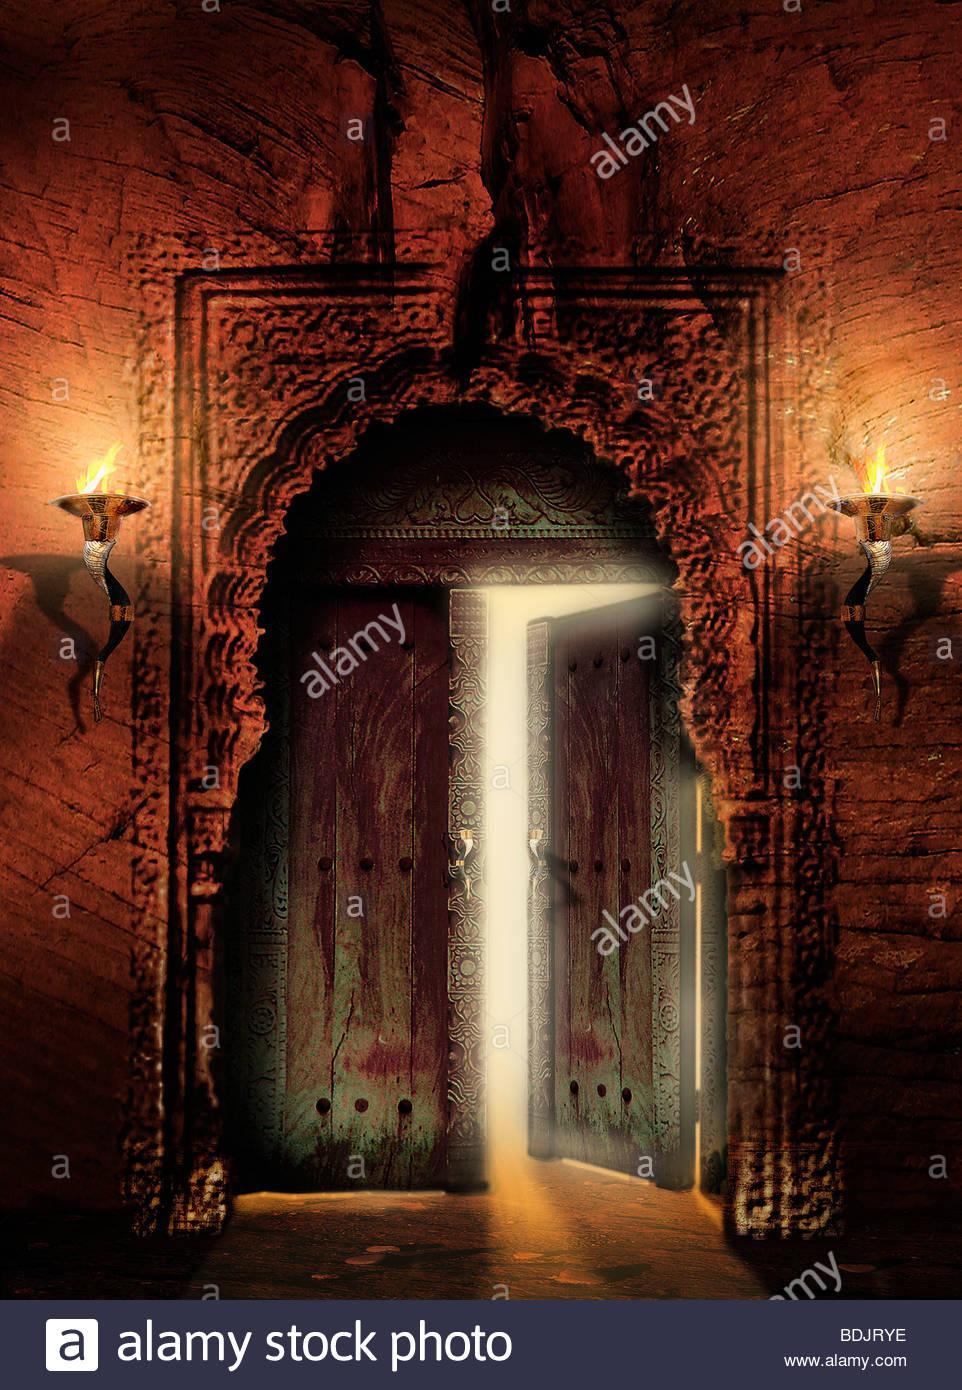 Verziert, alte Tür mit teilweise offener Tür Stockbild